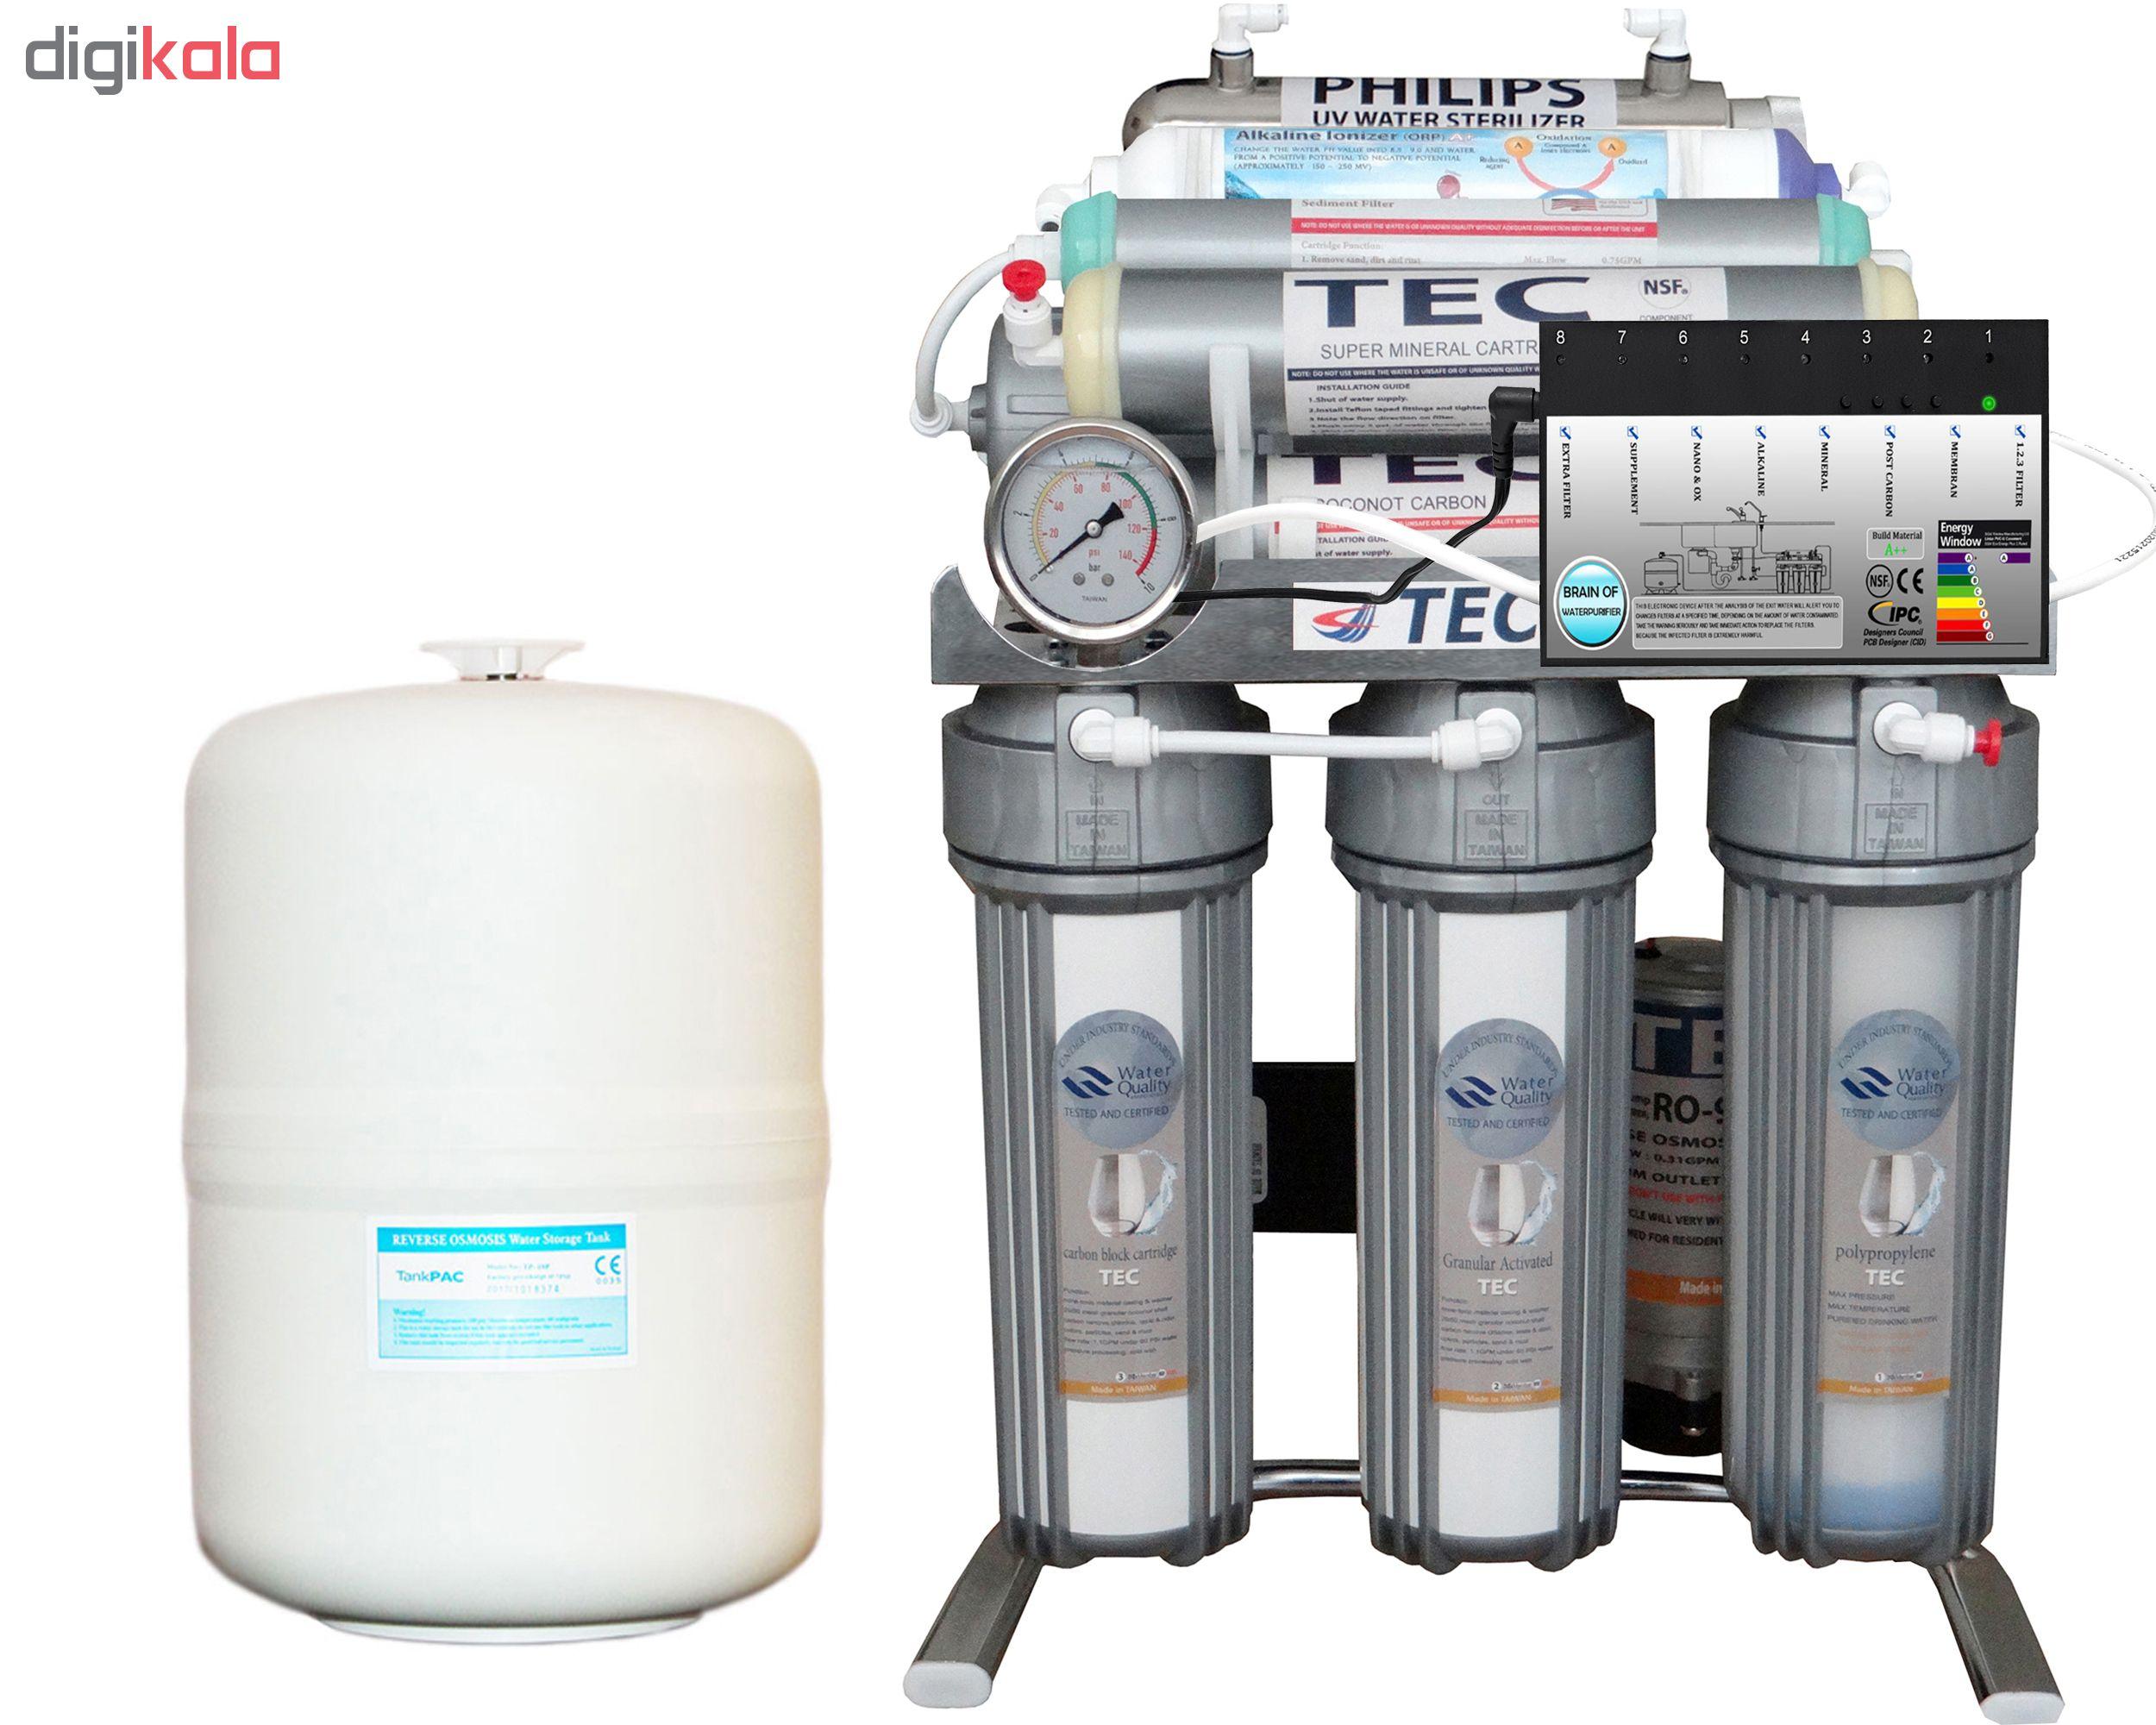 دستگاه تصفیه کننده آب تک مدل CHROME2019-AXT8400